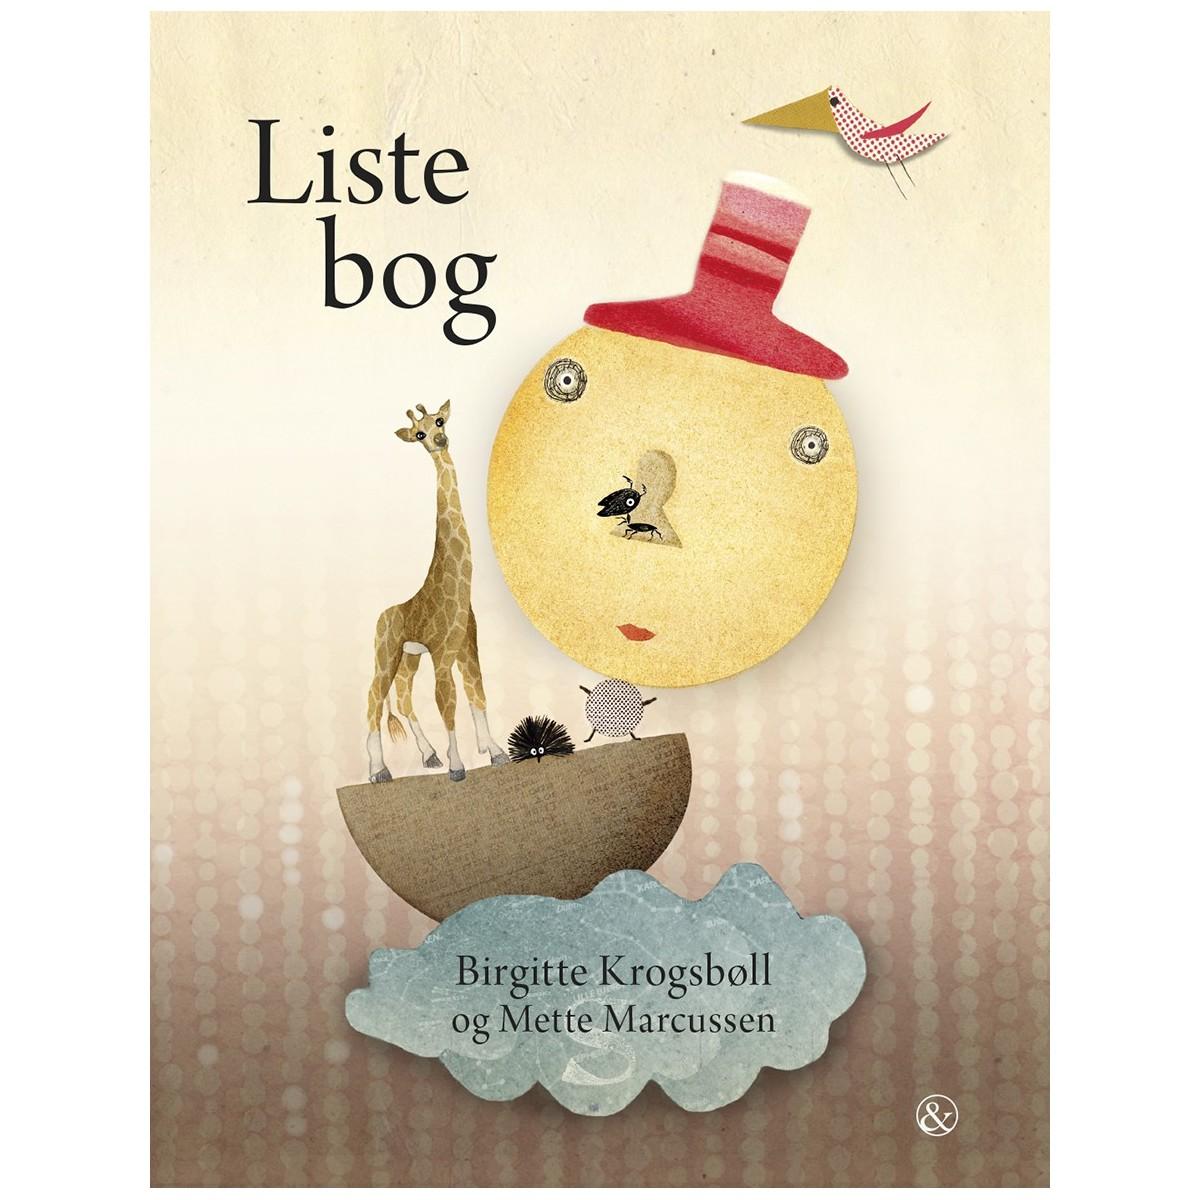 Birgitte Krogsbøll: Listebog